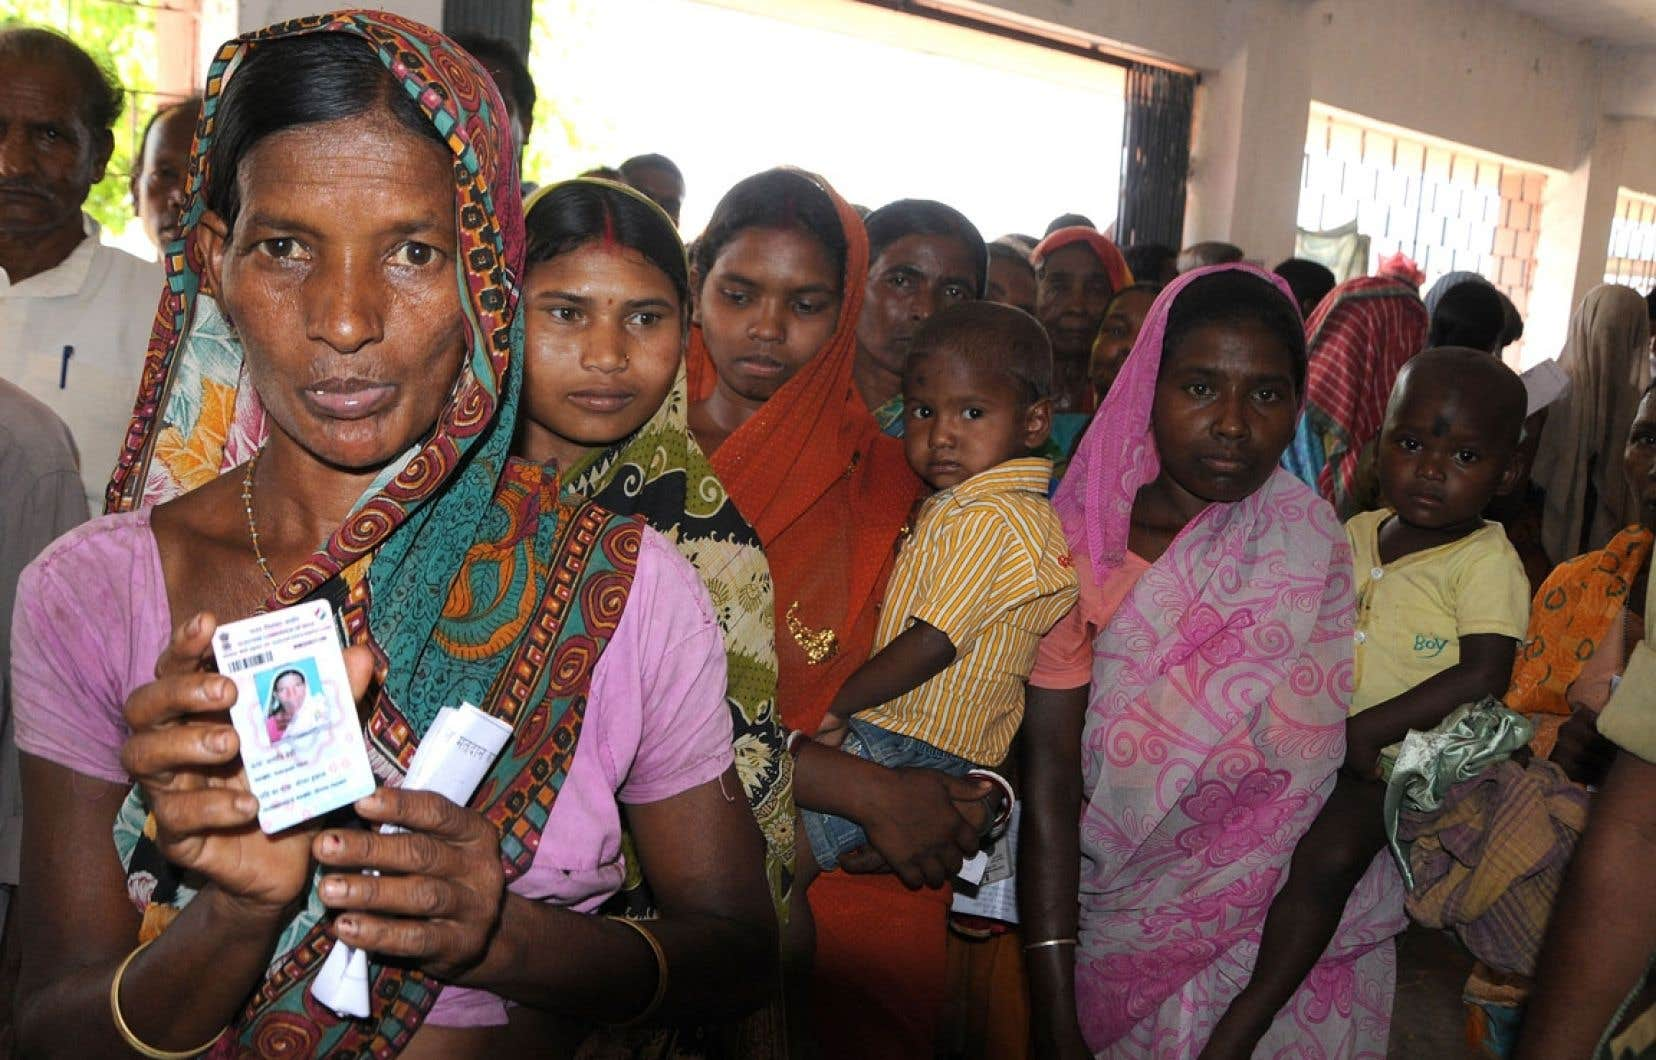 Des électeurs de l'État du Jharkhand faisaient la queue avant de pouvoir voter aux élections indiennes, le 17avril dernier.